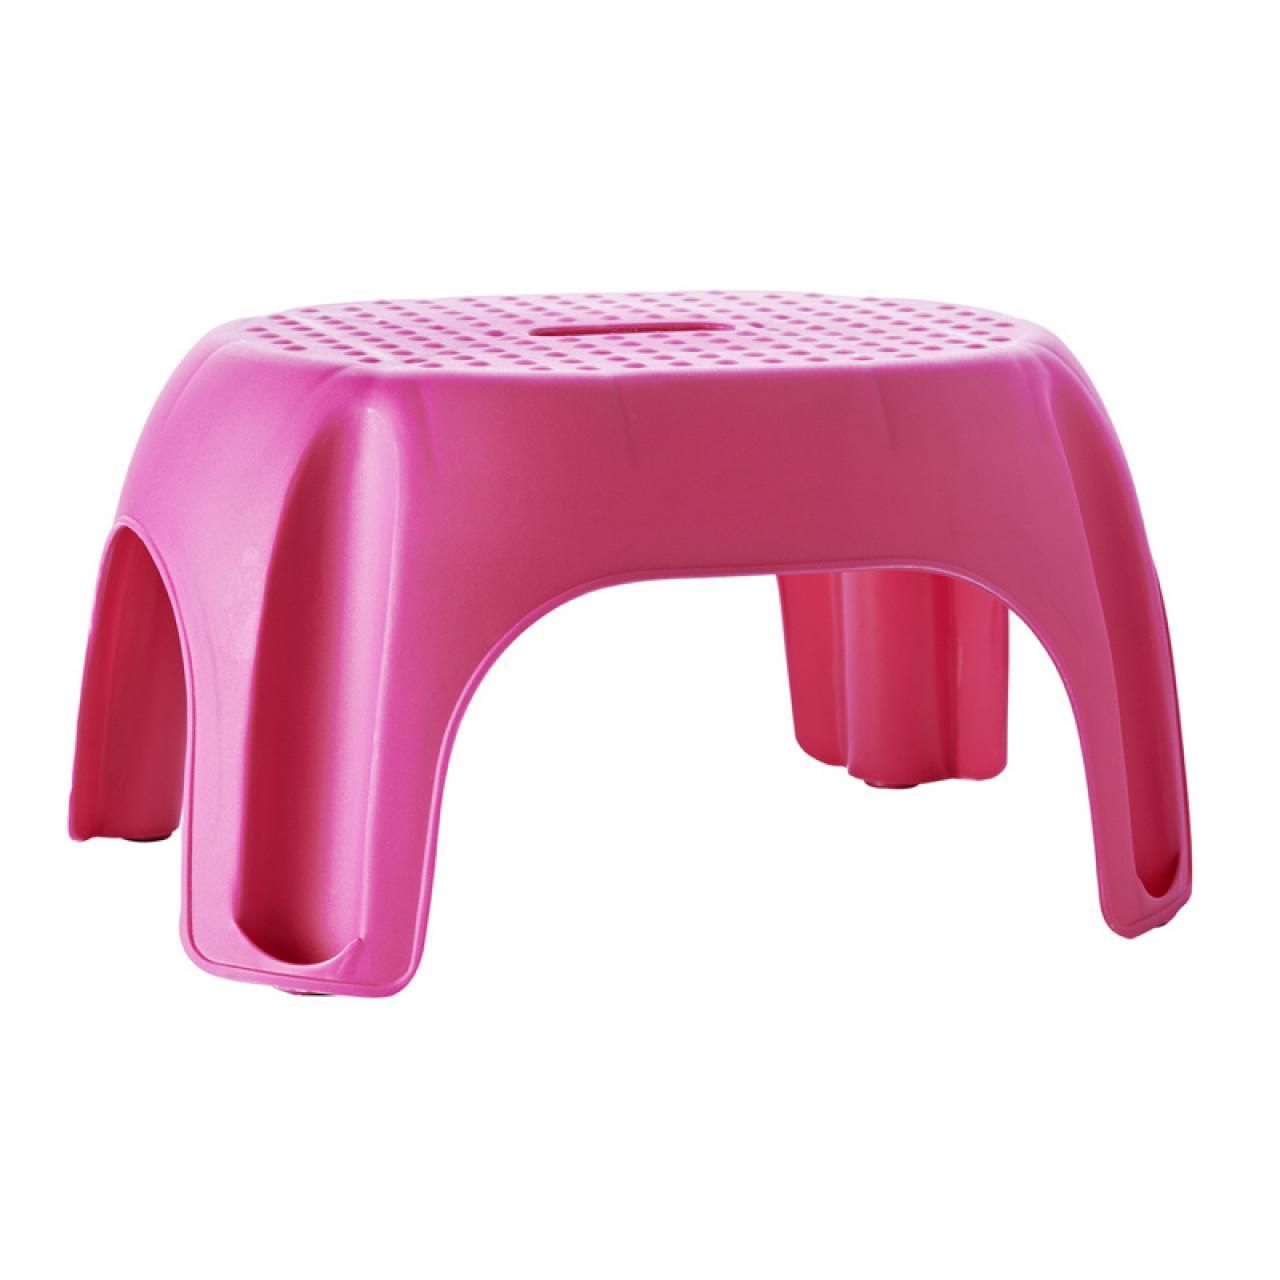 Табурет в ванну Ridder Promo А1102613 фиолетовый купить в Москве по цене от 1252р. в интернет-магазине mebel-v-vannu.ru